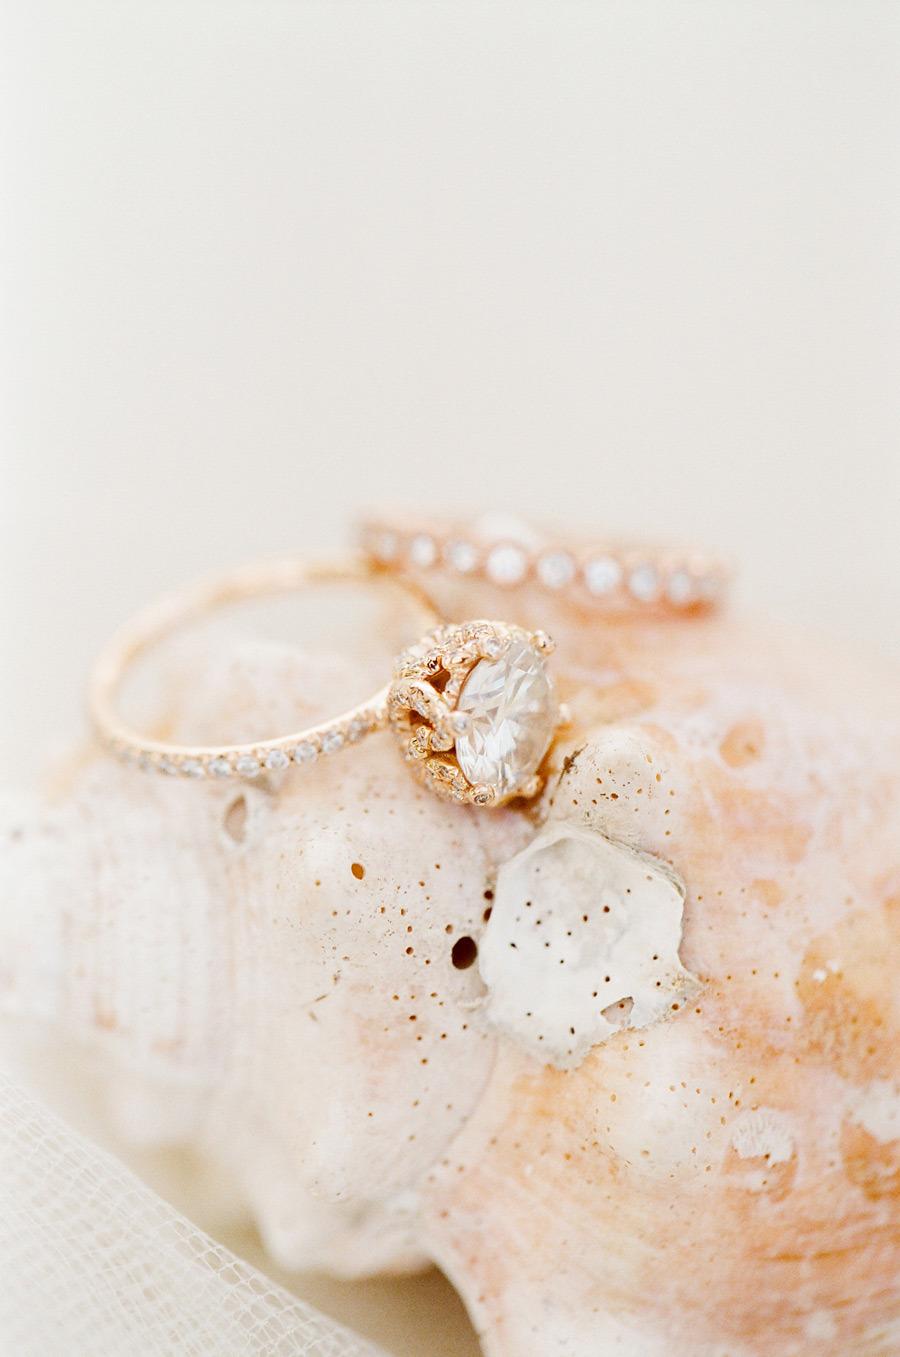 16. Rings on Seashell